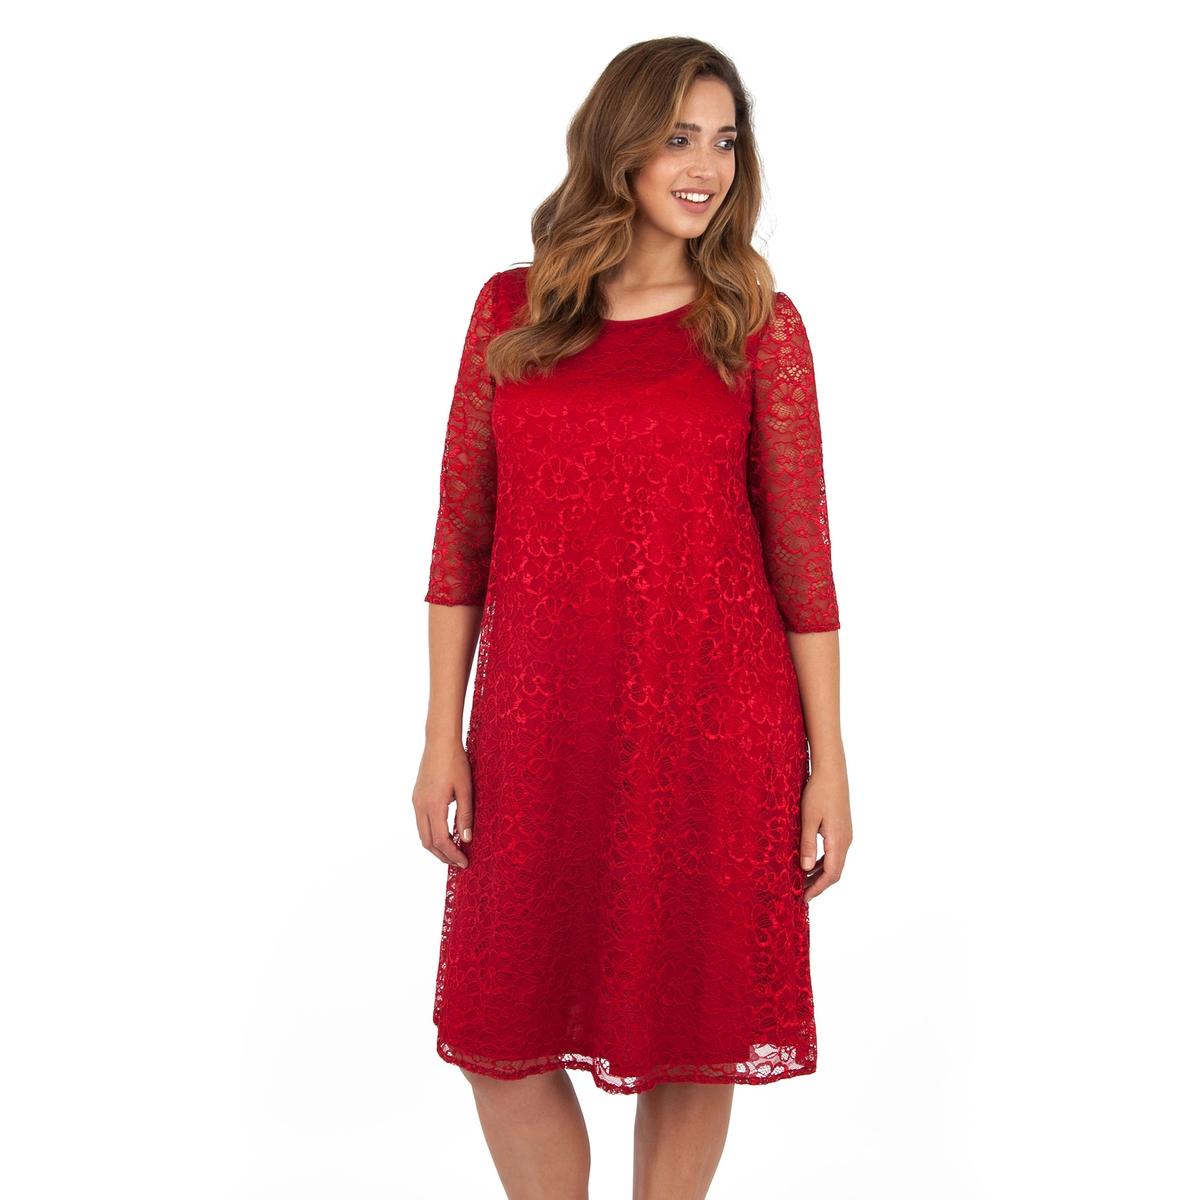 ПлатьеПлатье с рукавами 3/4 - LOVEDROBE. Красивое кружевное платье притягательного красного цвета с отделкой из прозрачного кружева на рукавах. Длина ок.104 см. 100% полиэстера.<br><br>Цвет: бордовый<br>Размер: 58/60 (FR) - 64/66 (RUS)